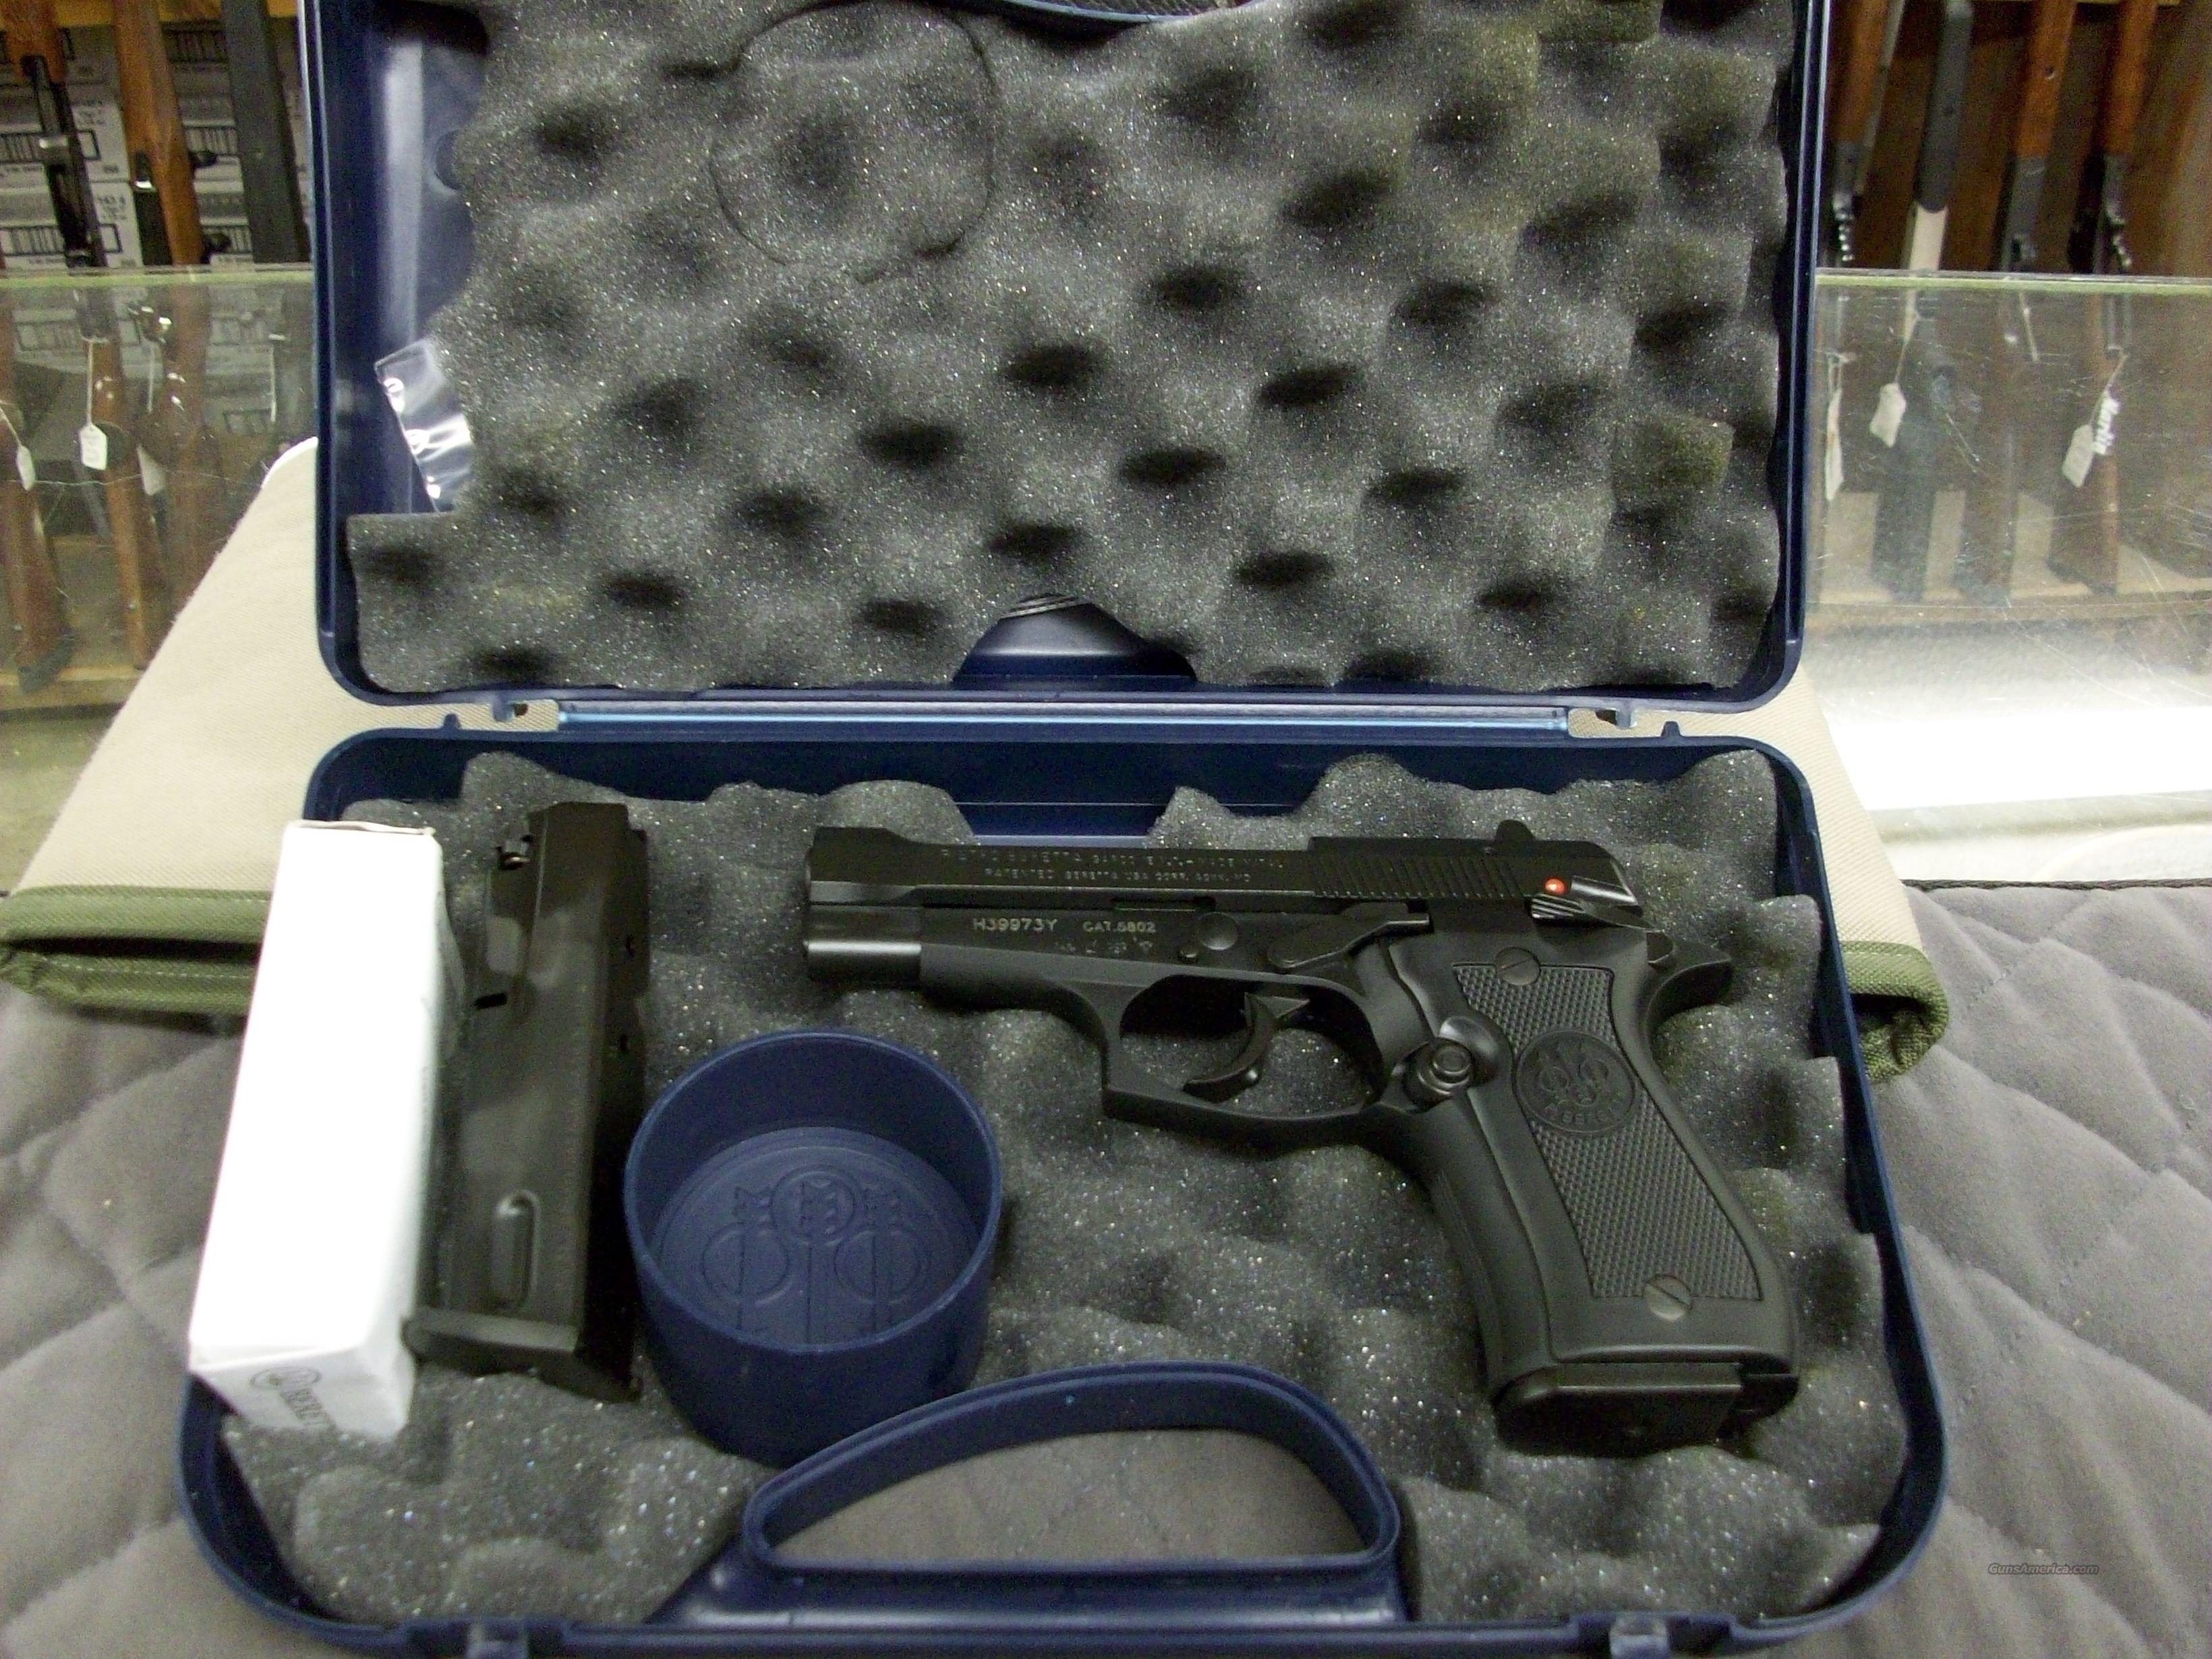 Beretta 85FS Cheetah 380 Auto J85F200  **NEW**  Guns > Pistols > Beretta Pistols > Cheetah Series > Model 85